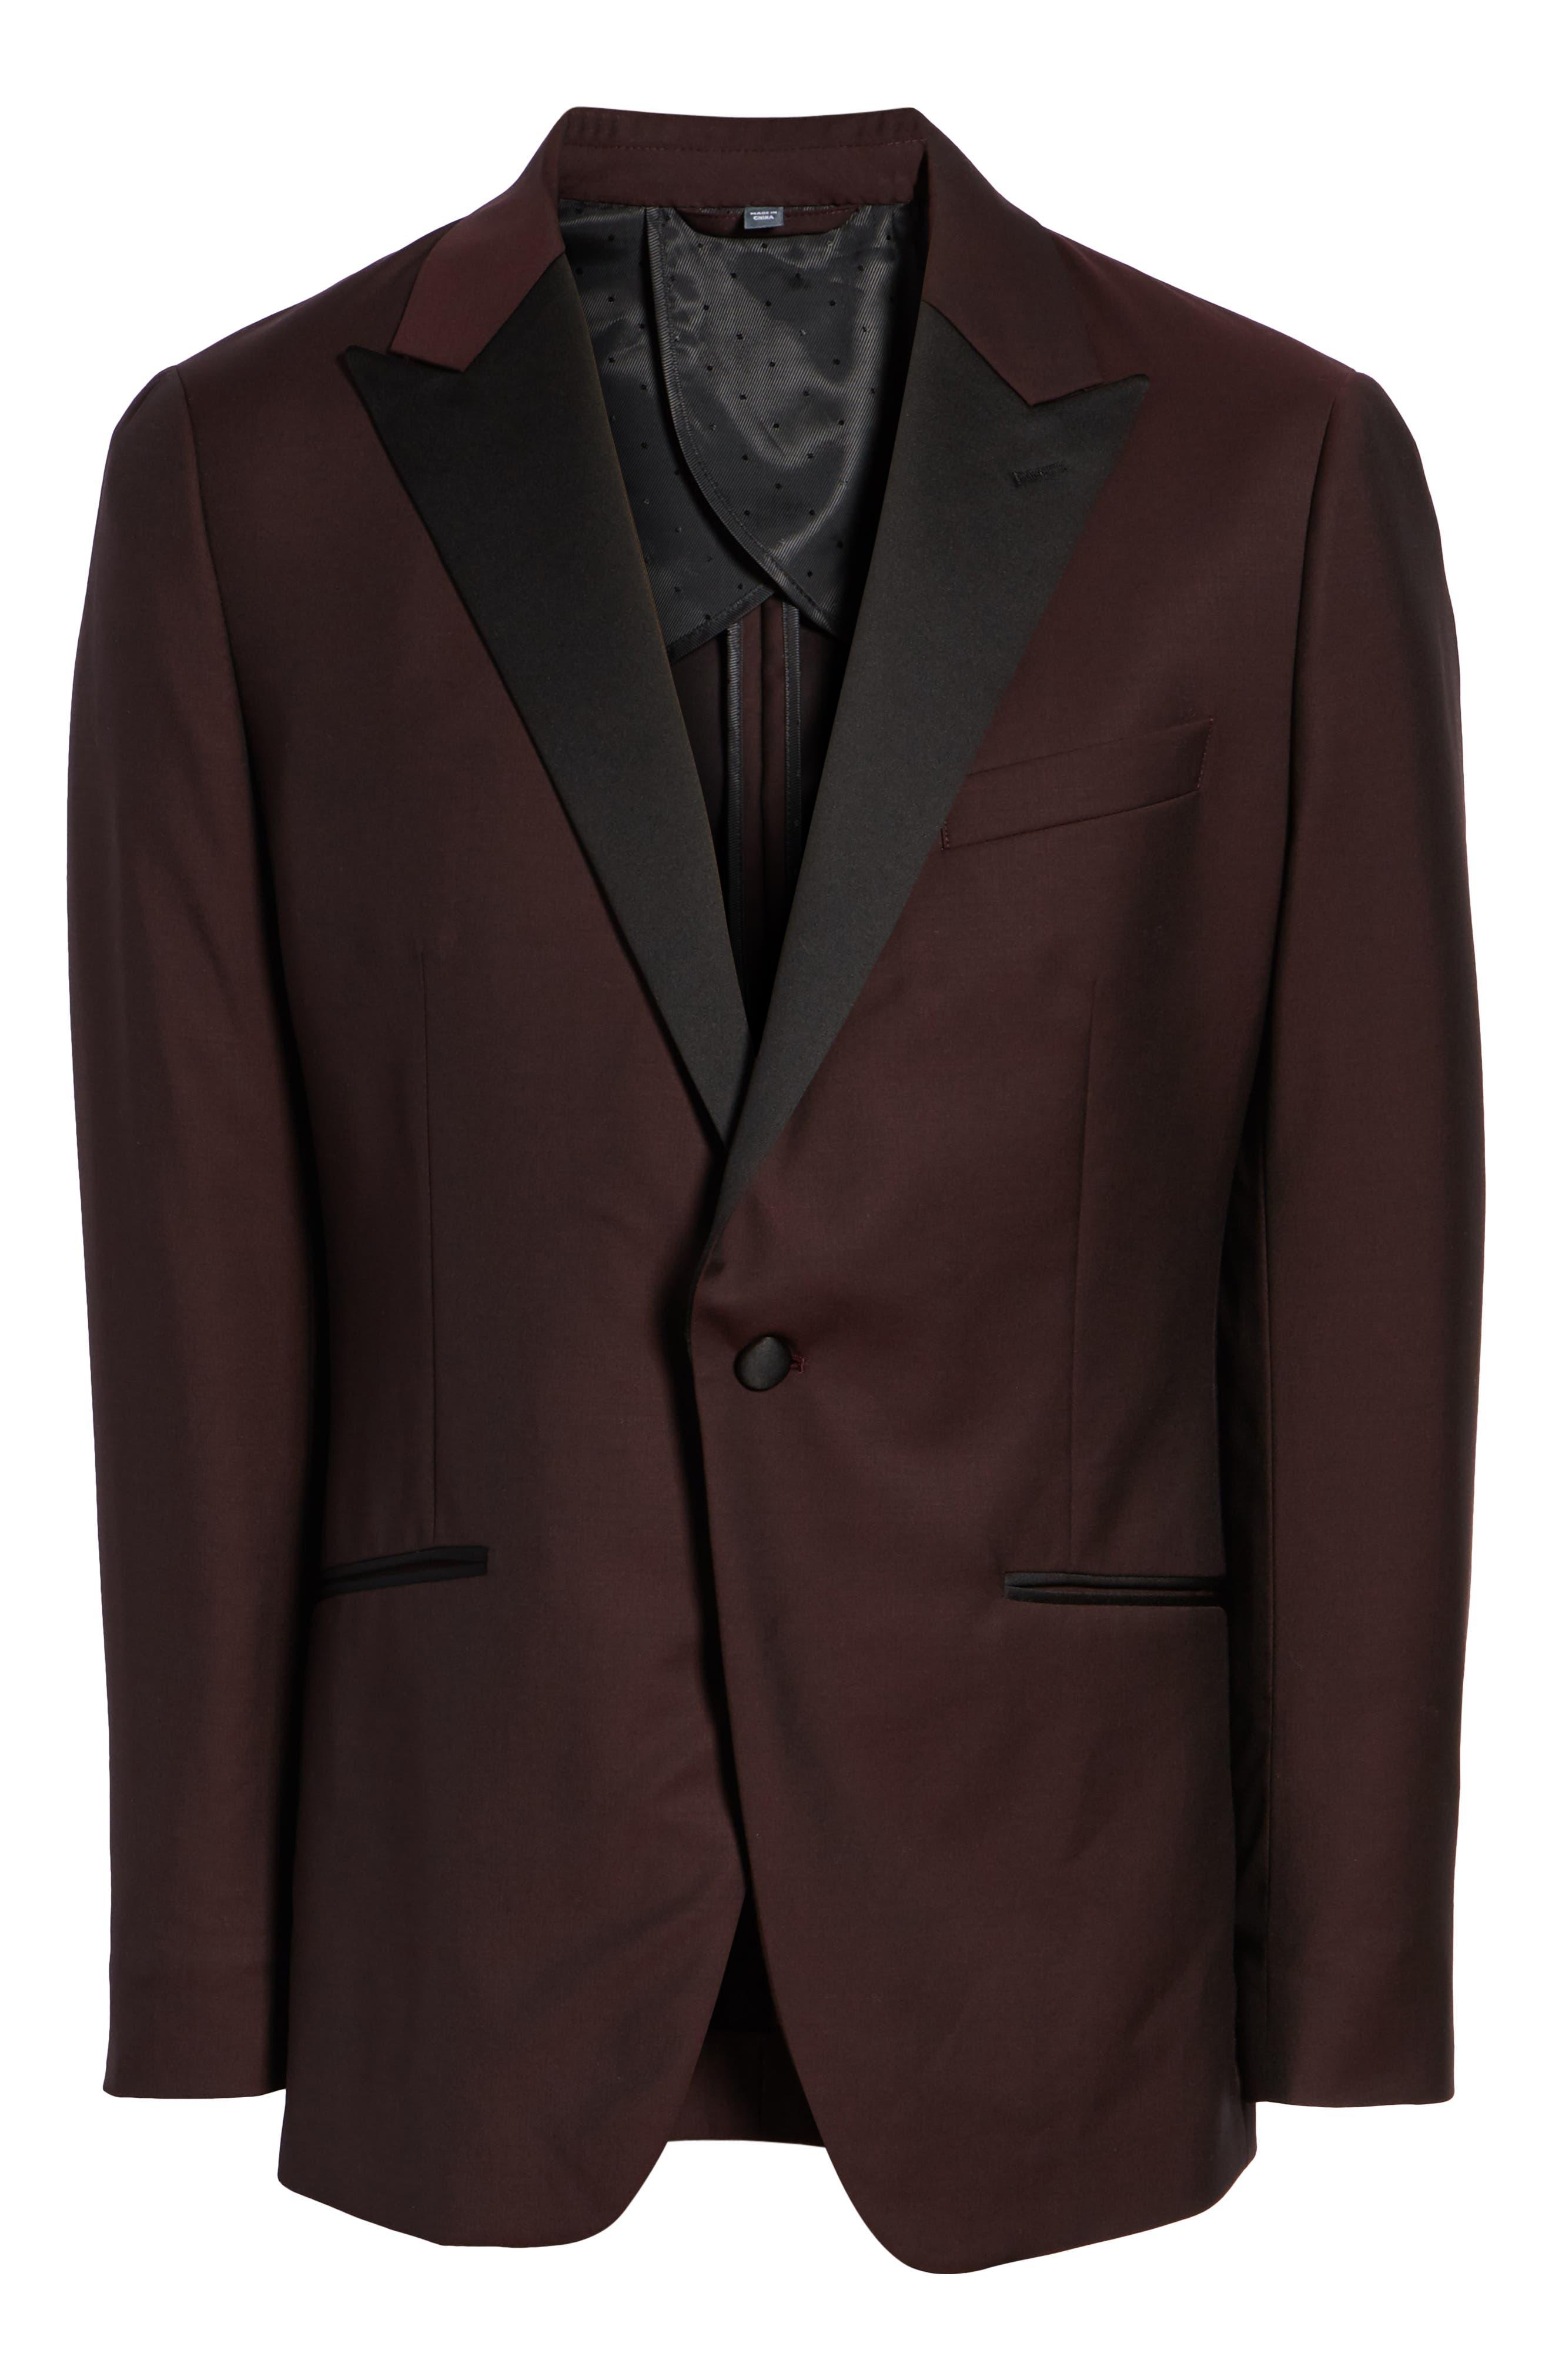 Capstone Slim Fit Italian Wool Dinner Jacket,                             Alternate thumbnail 5, color,                             MAROON